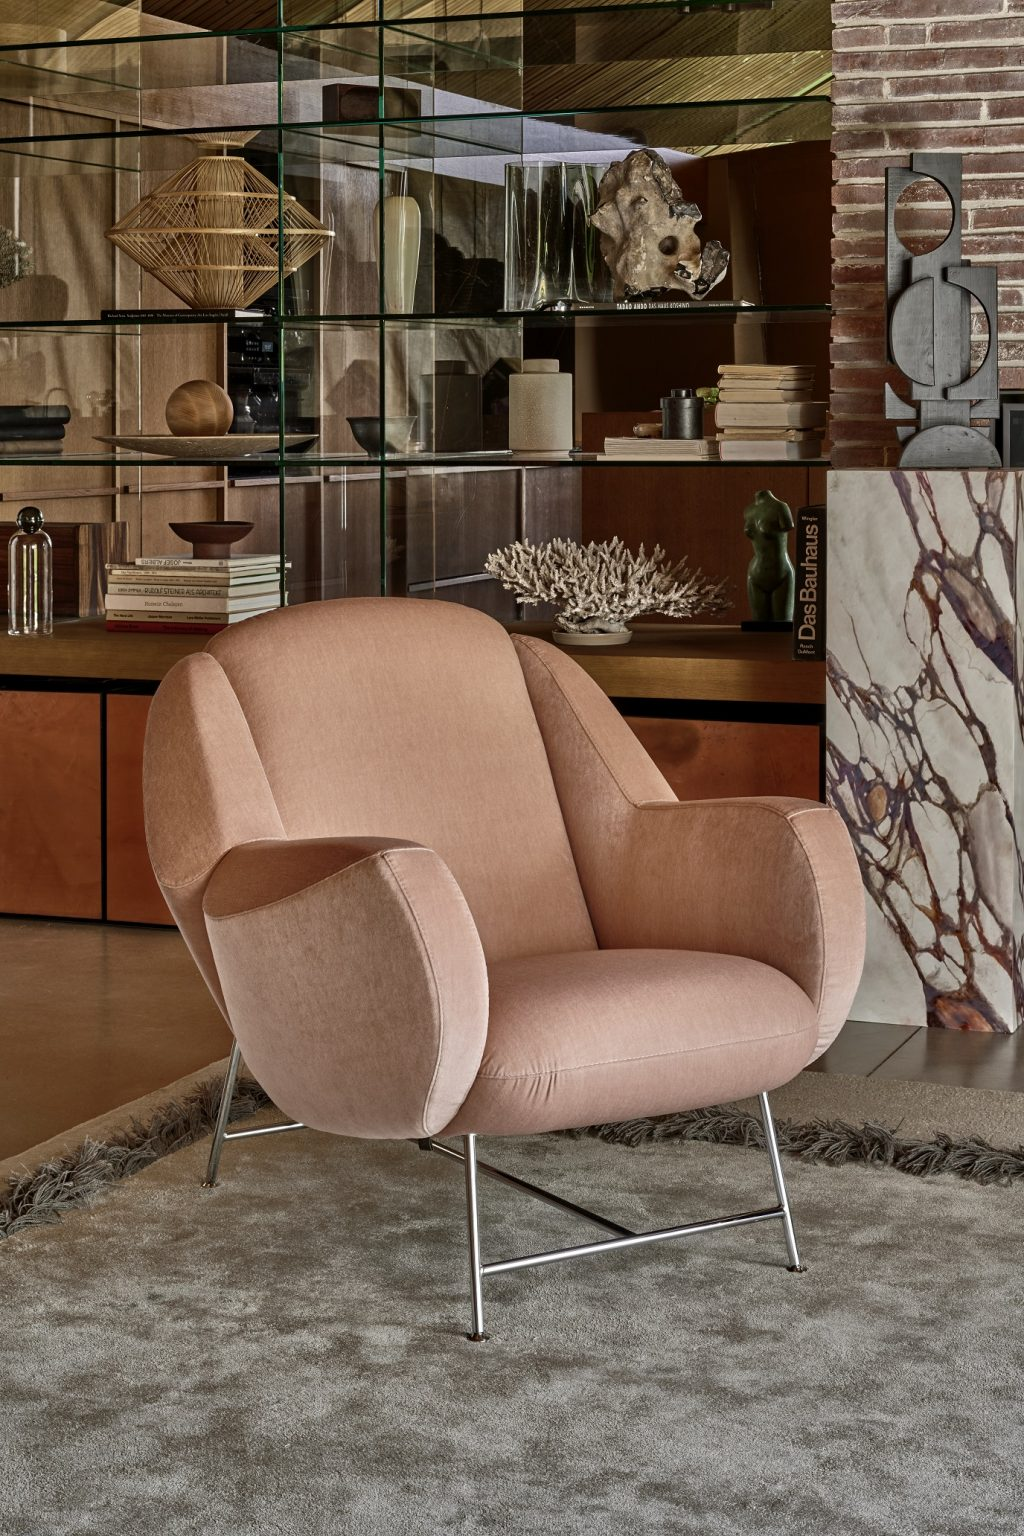 Biennale Interieur - Belgium's leading design and interior event - Leolux_anton_03242021_014_v1_.jpg